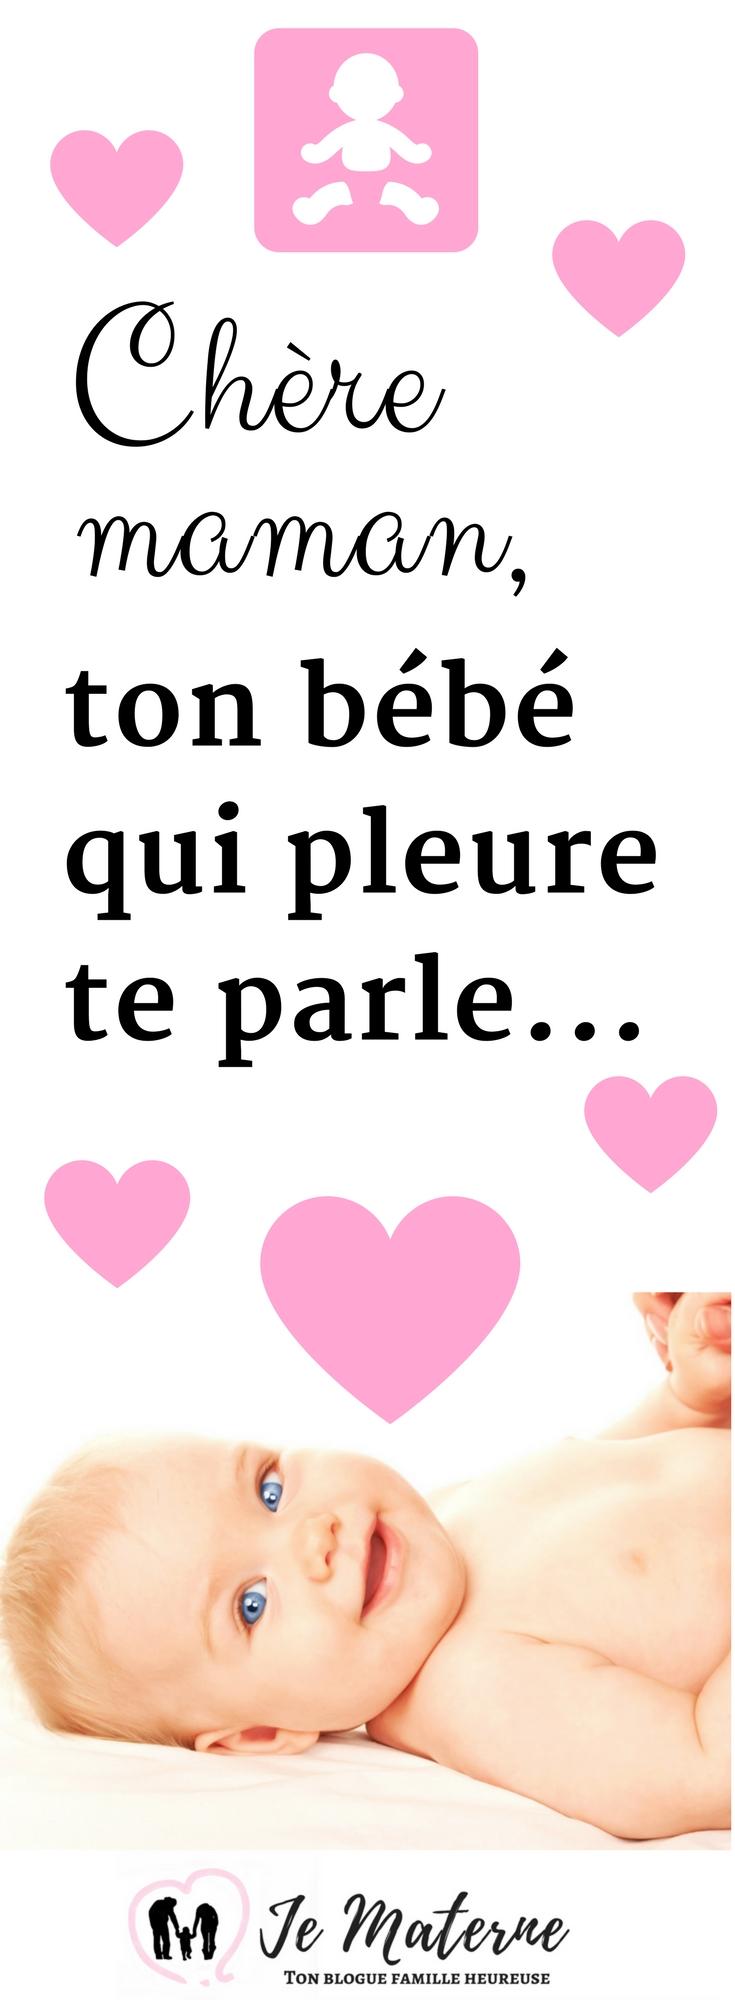 À LIRE! Ton bébé qui pleure te parle, belle maman - Clique sur l'image pour lire sur http://jematerne.com/2017/02/16/ton-bebe-qui-pleure-te-parle-belle-maman #bébé #5-10-15 #maman #papa #parentalité #parents